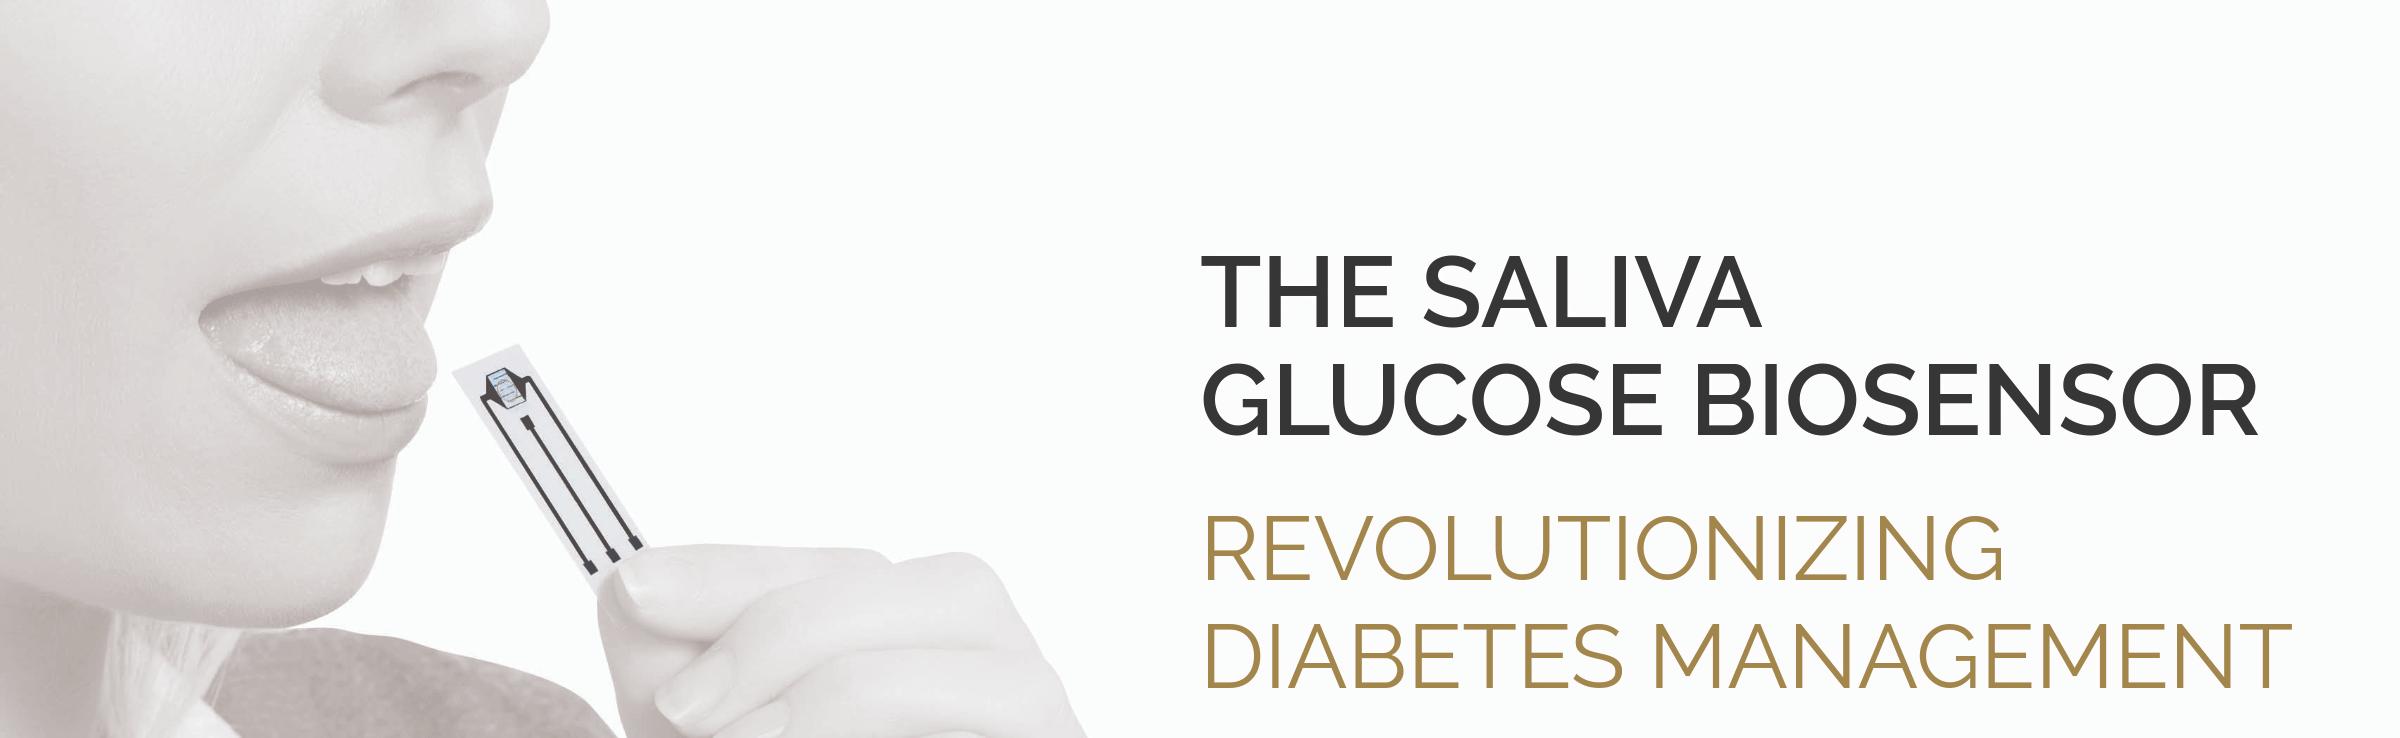 New Saliva Glucose Biosensor Could Eliminate Finger Pricks for Diabetes Management